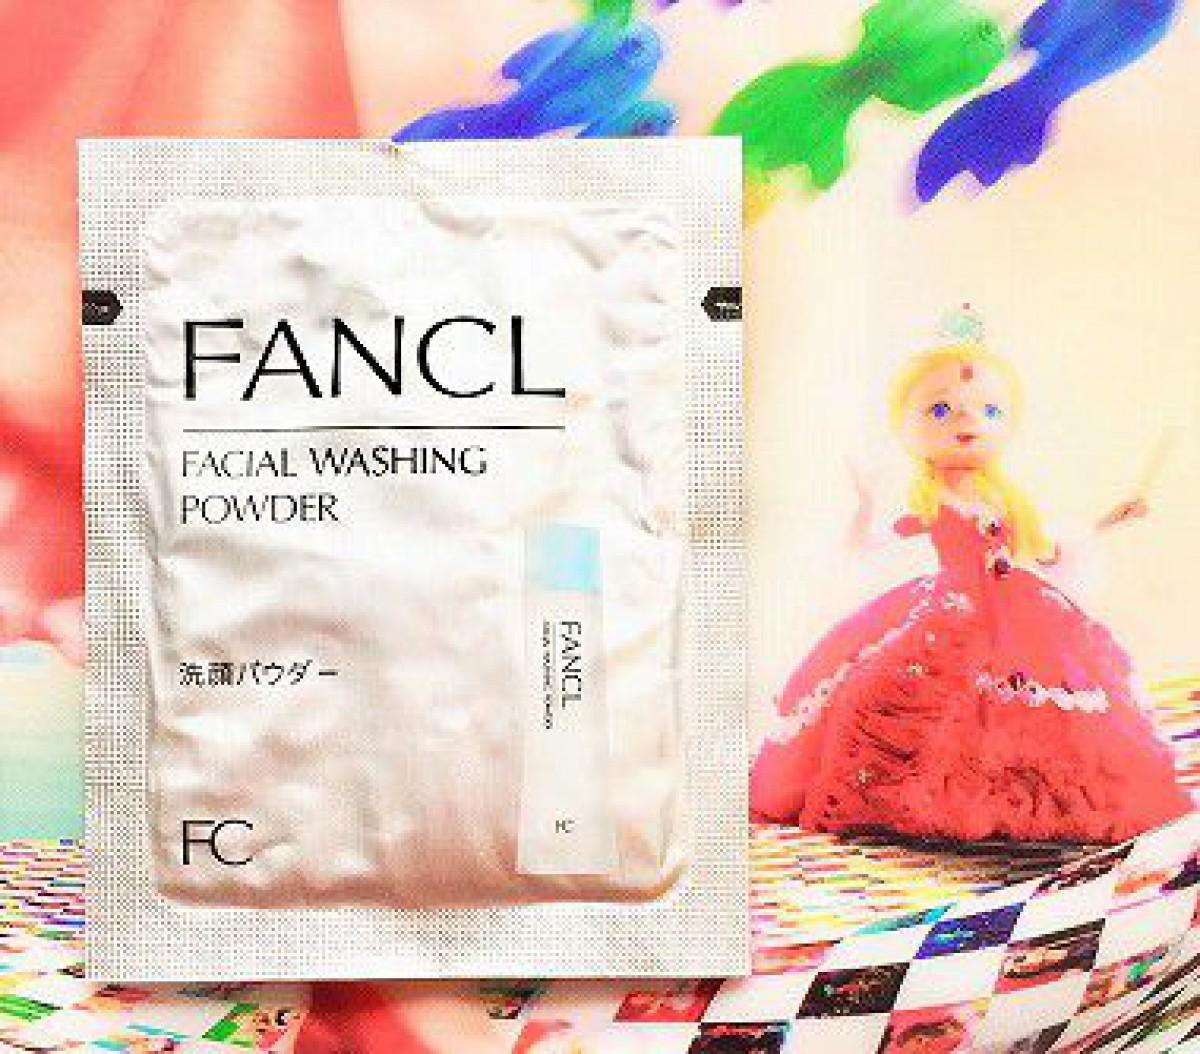 FANCL(ファンケル)洗顔パウダーでつるつる肌に。成分・感想など